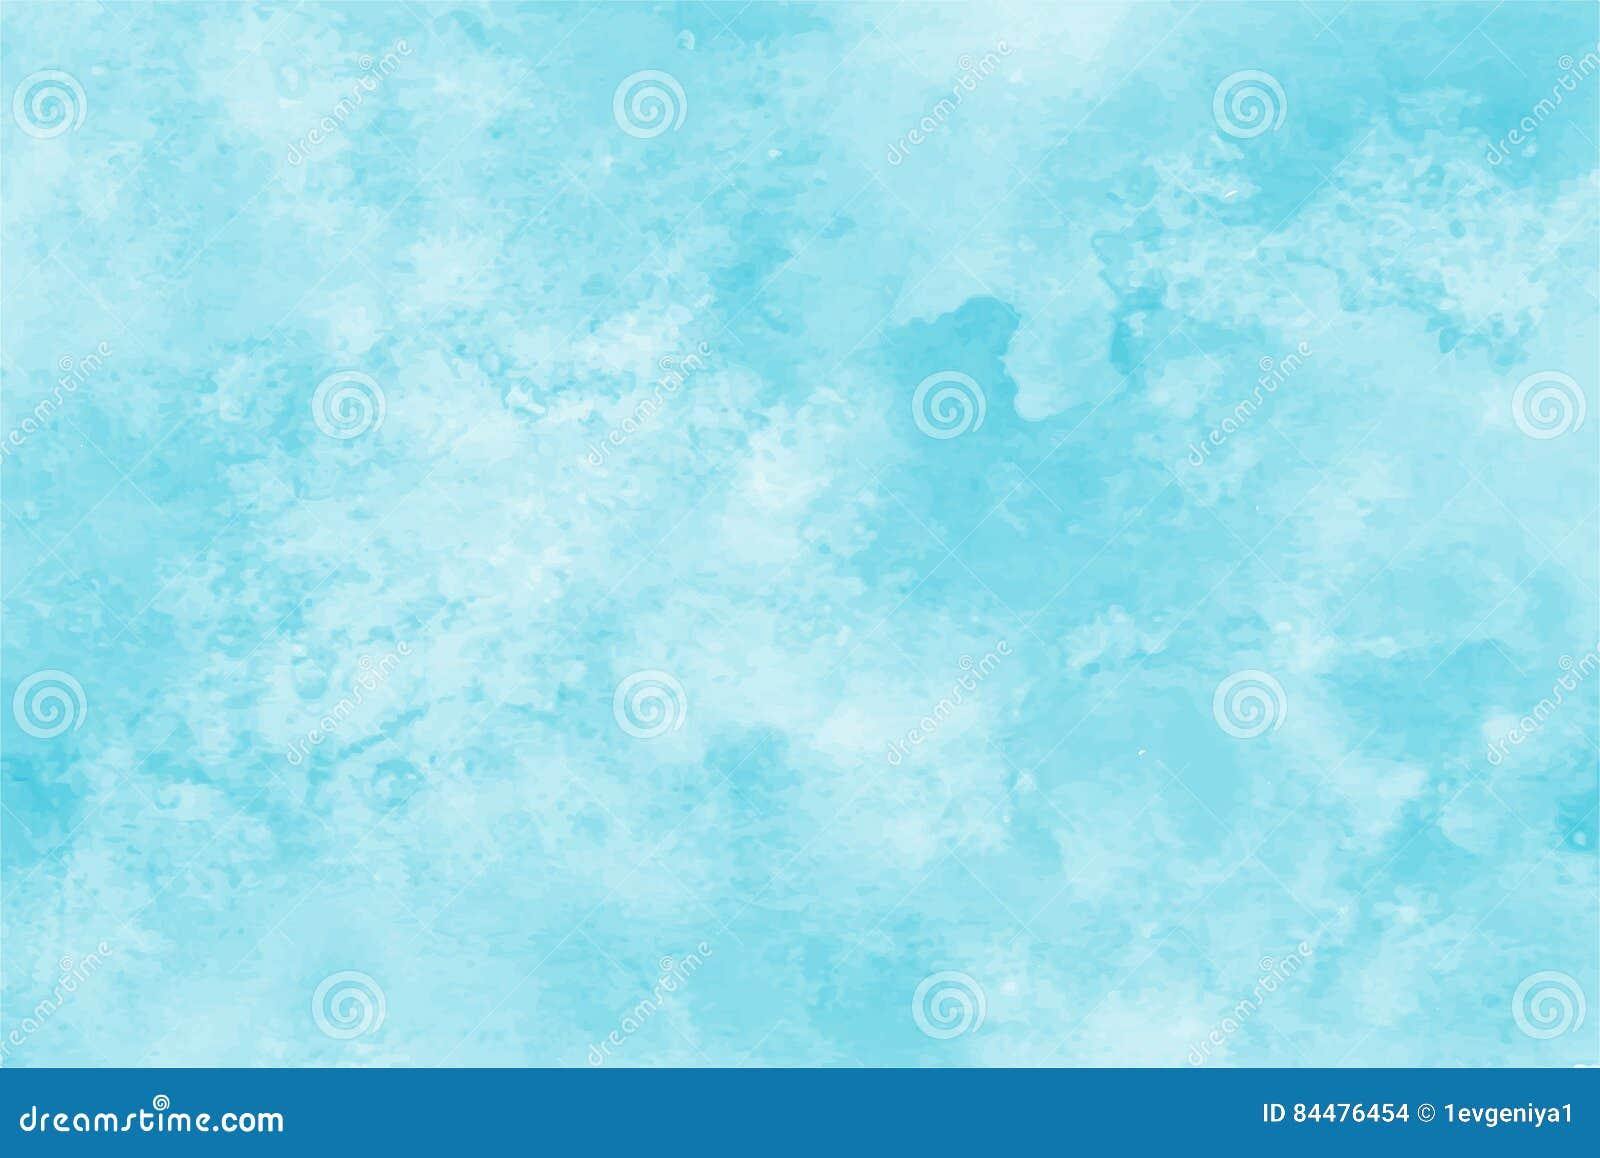 Fondo azul de la acuarela Contexto abstracto de la mancha del cuadrado de la pintura de la mano